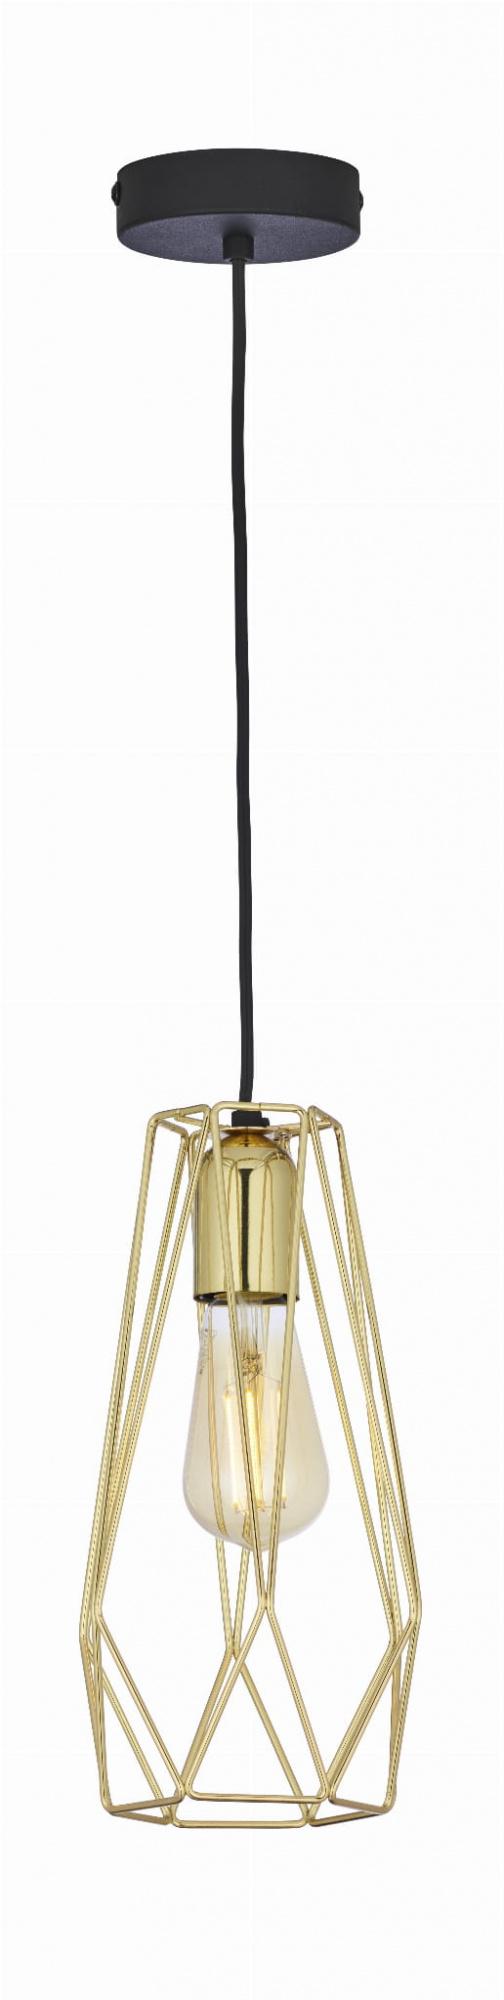 TK Lighting TK-2696 Lugo lámpa függeszték